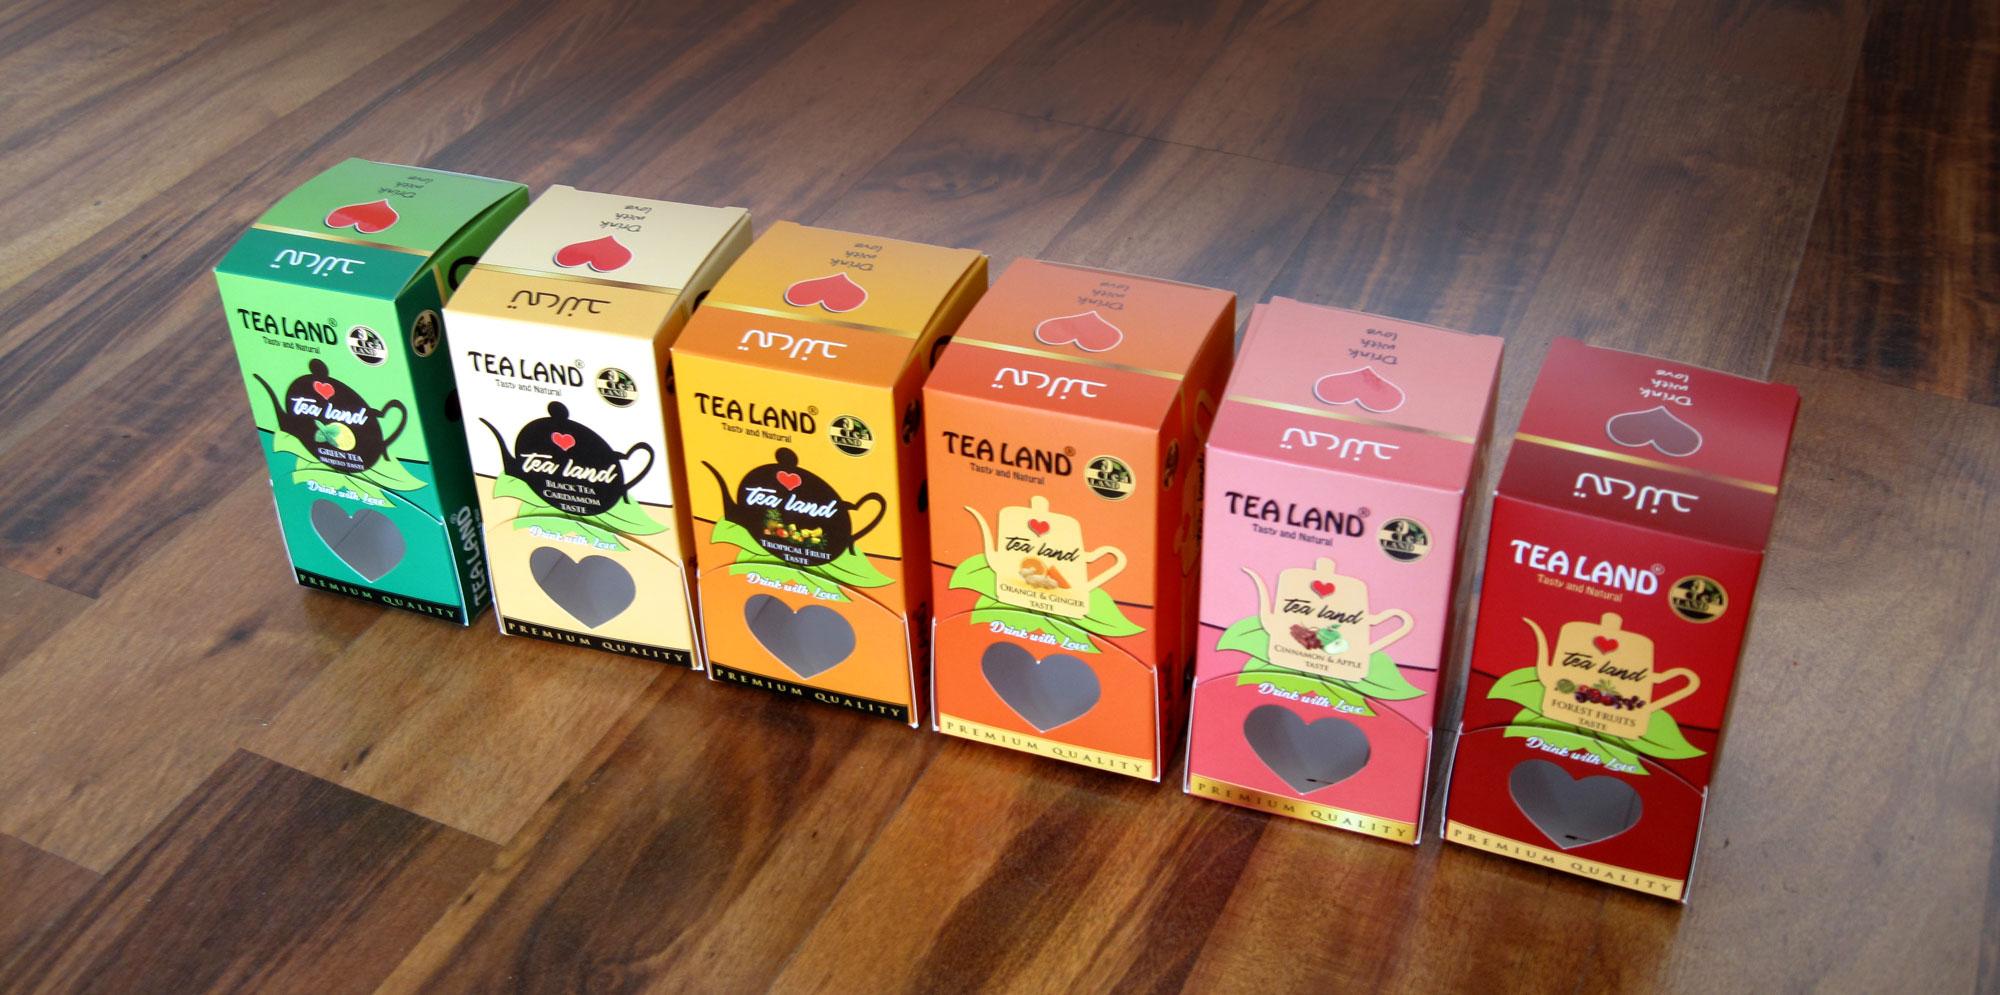 پروژه طراحی وچاپ جعبه های  صادراتی چای های کیسه ای طعم دار تی لند (TEA LAND)